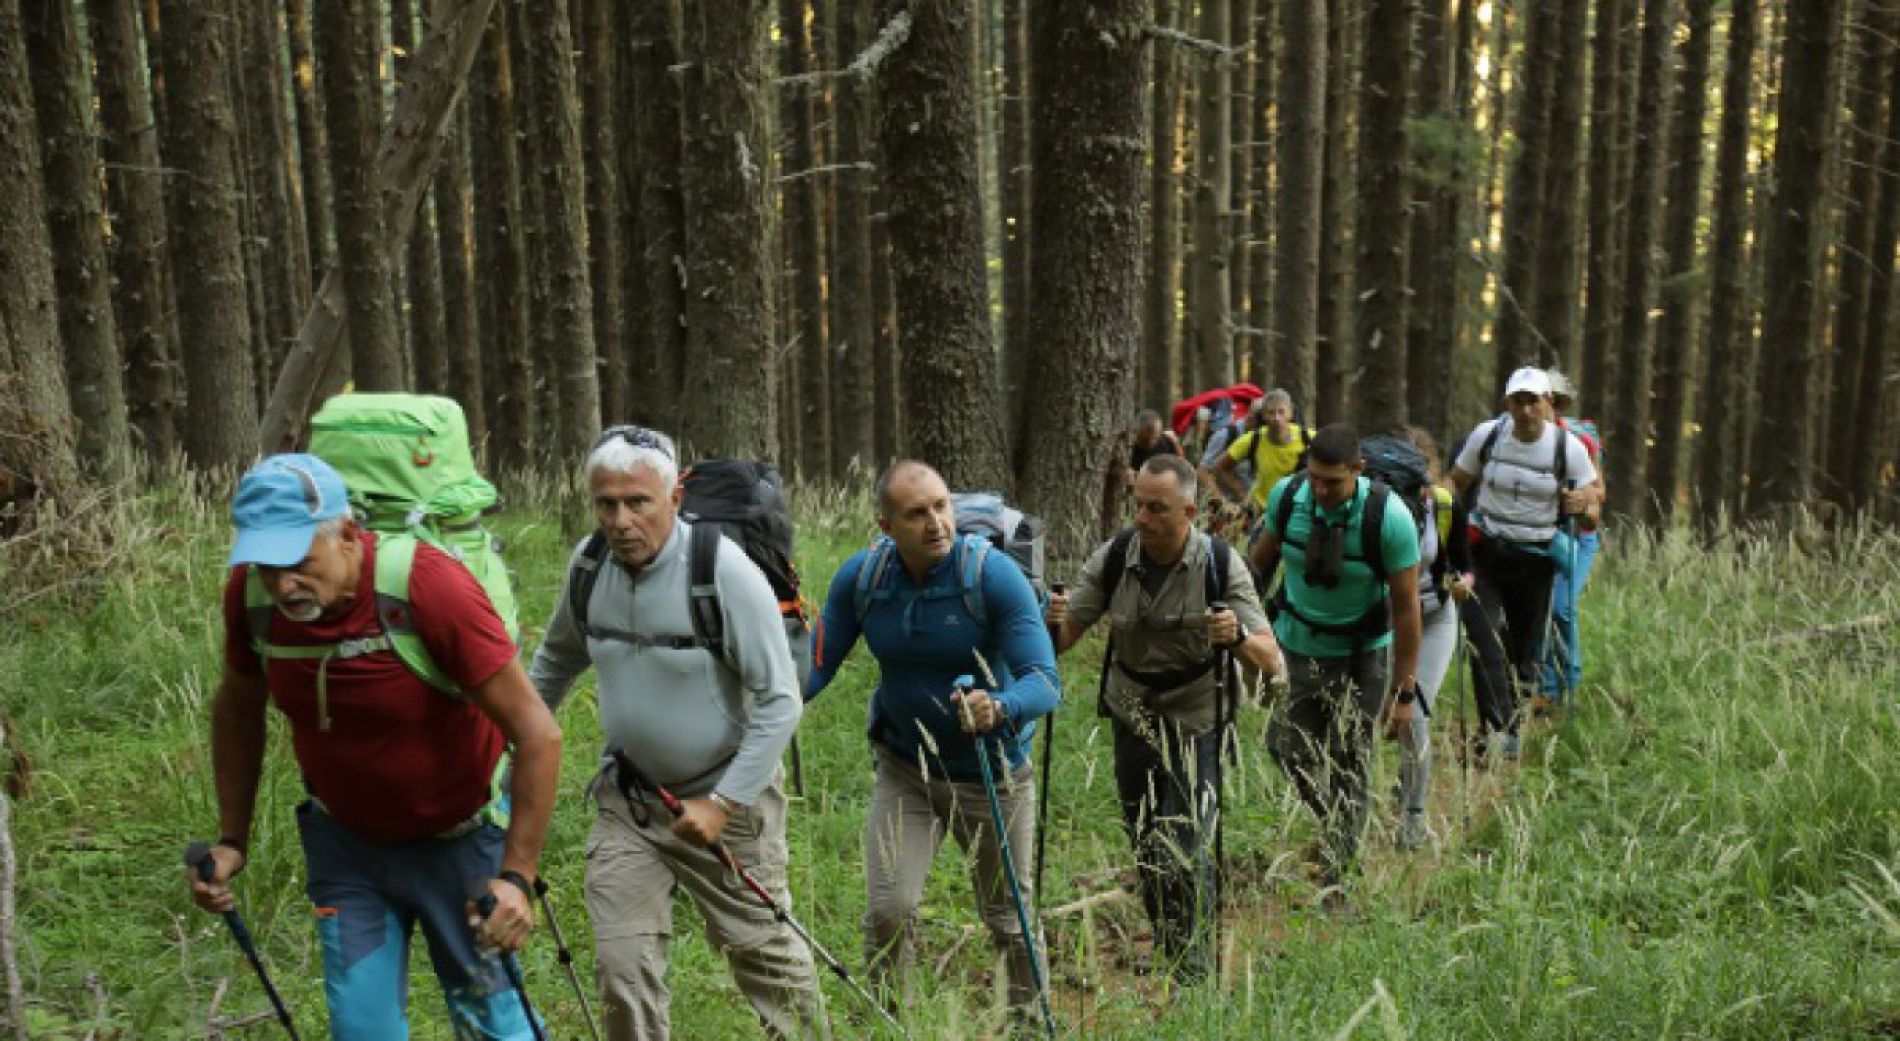 Болгарские горы являются не только бесценным природным ресурсом, но и частью национальной самобытности